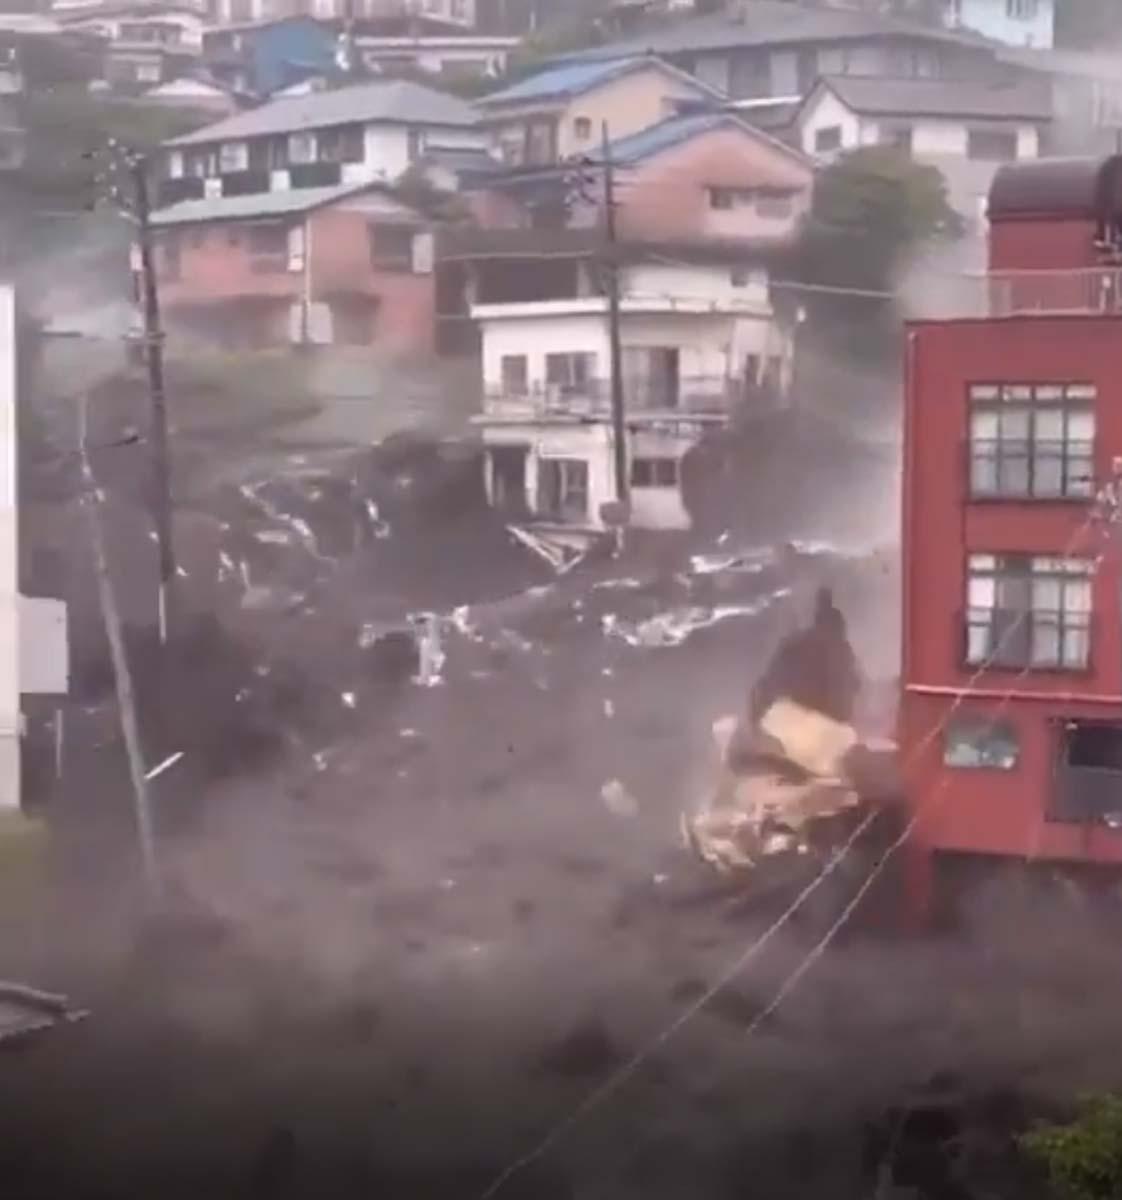 Japonya'da sel ve heyelan felaketi: Önüne ne kattıysa götürdü, 19 kişi kayboldu